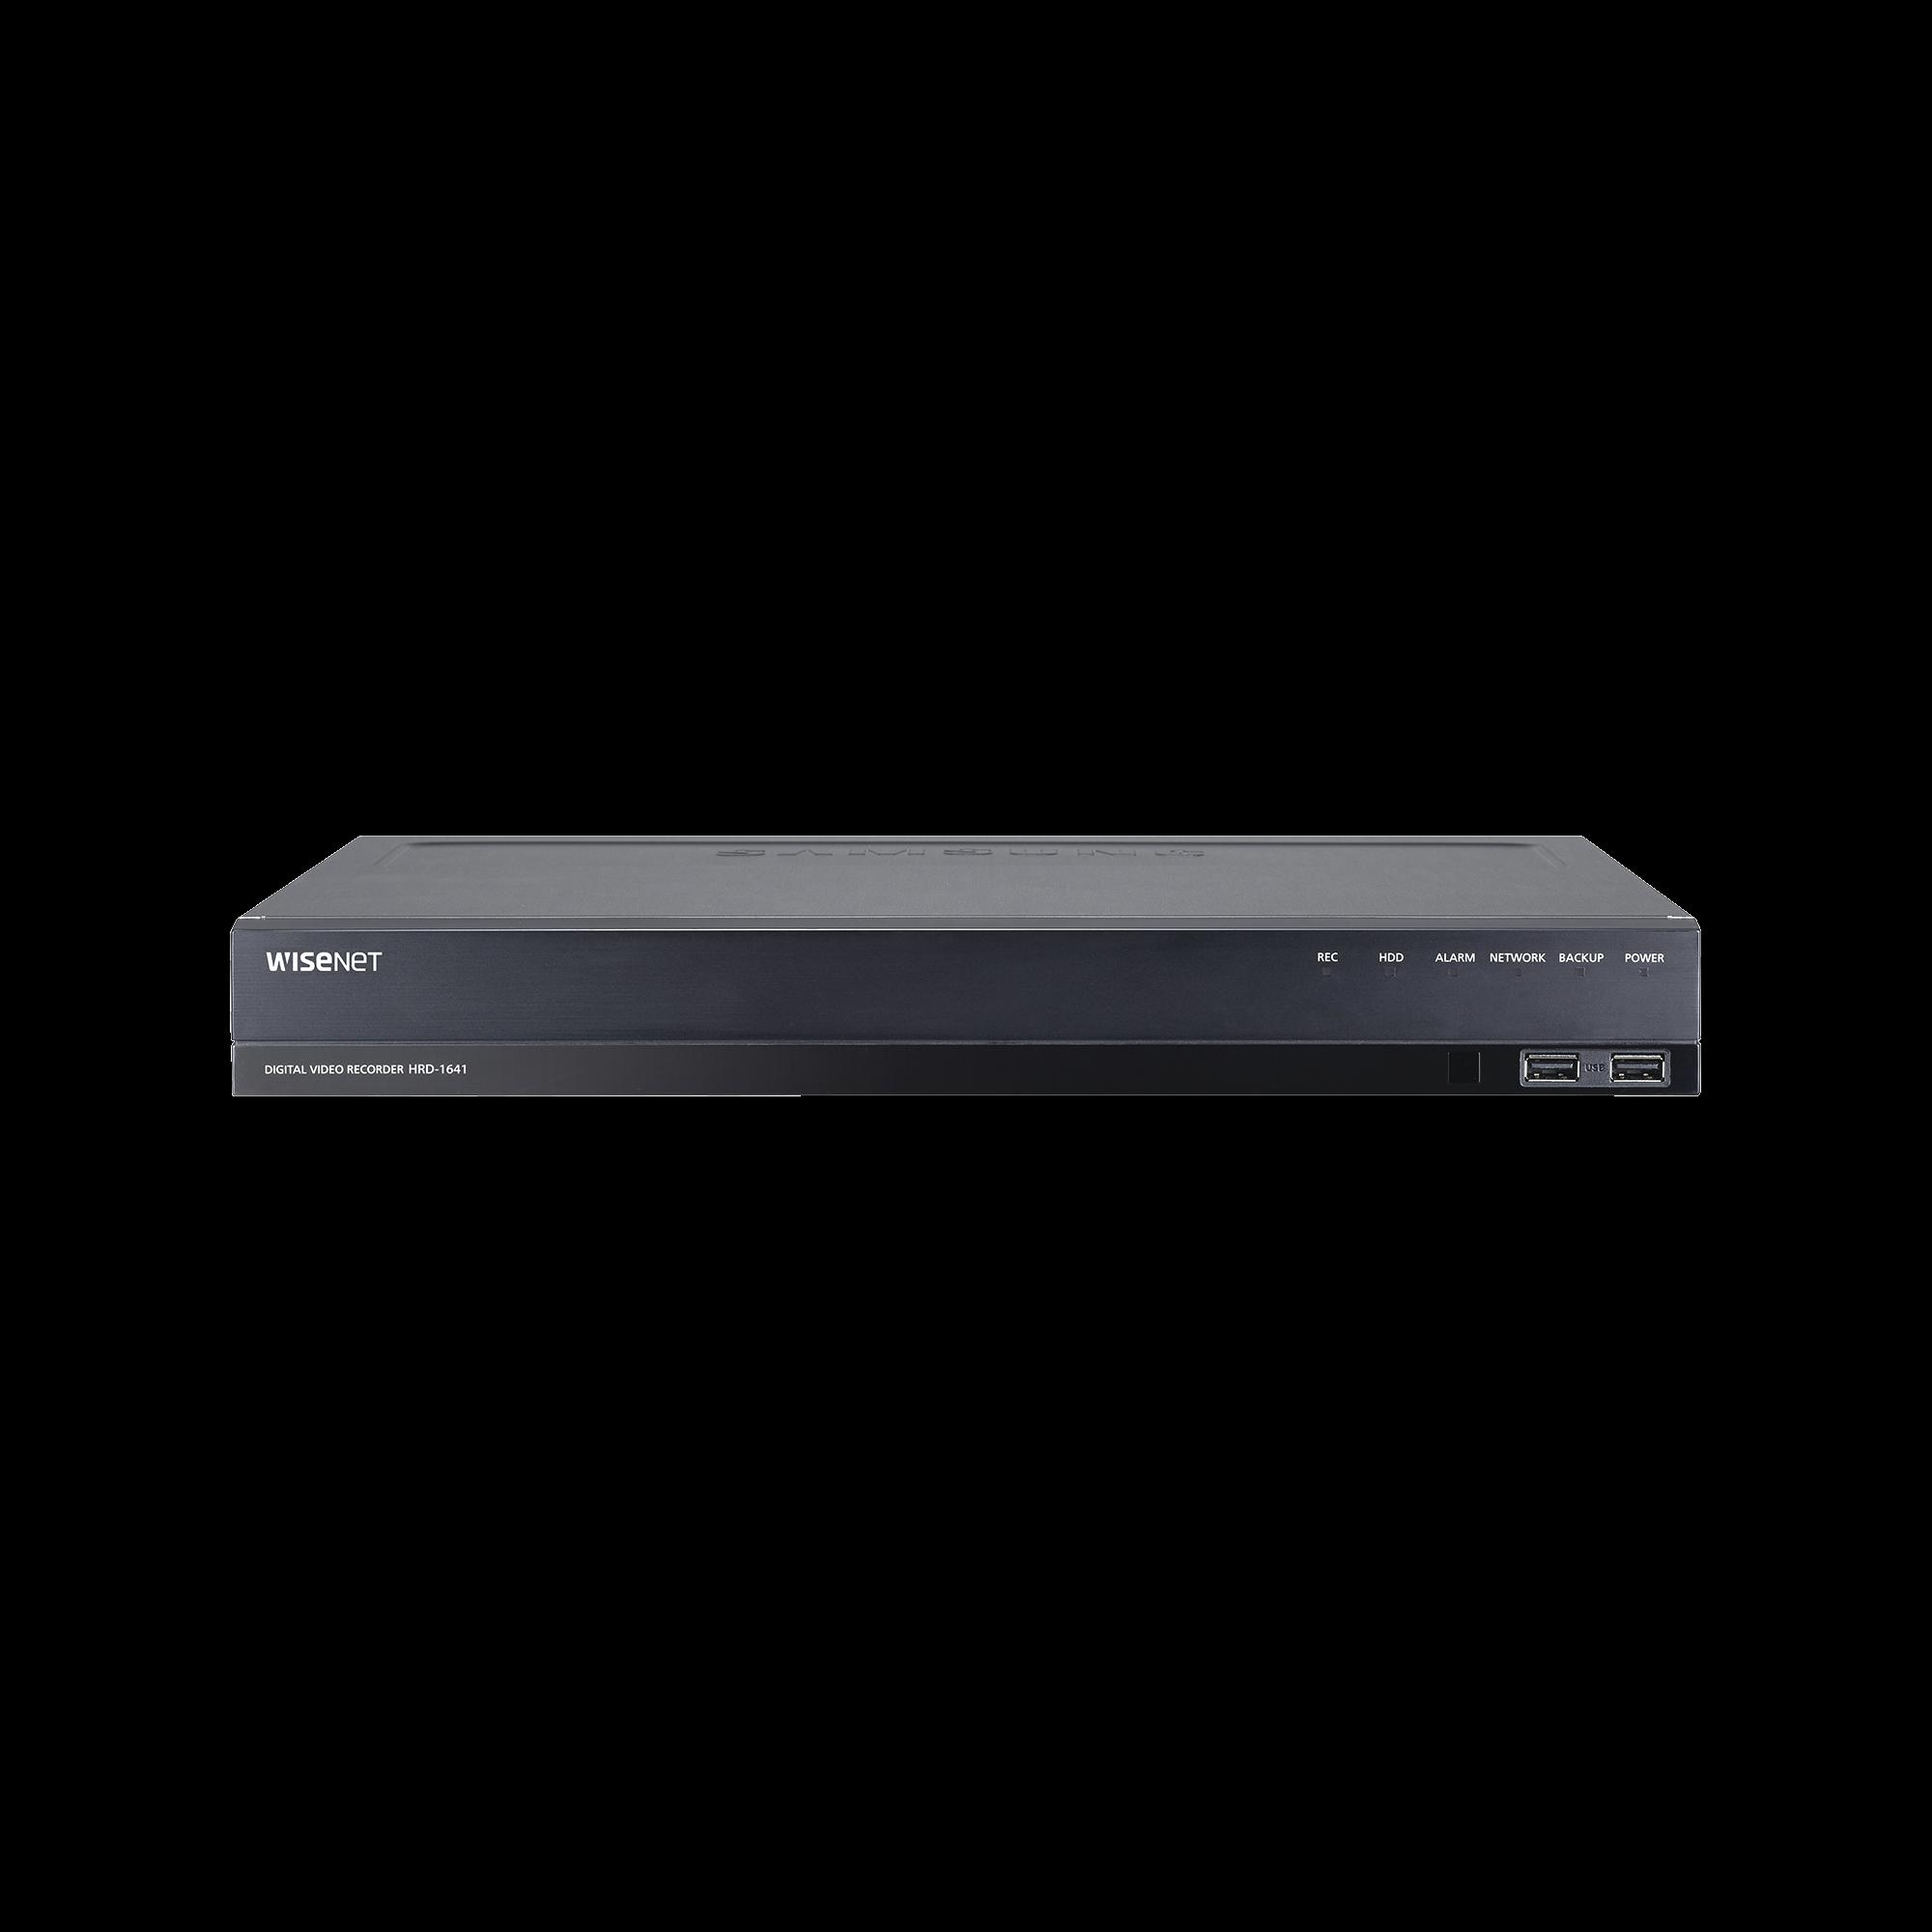 DVR 16 Canales hasta 4 Megapixel / Soporta 4 Tecnologías (AHD, TVI, CVI, CVBS) / Hasta 2HDDs / Entradas y Salidas de Audio y Alarma / Incluye 2TB